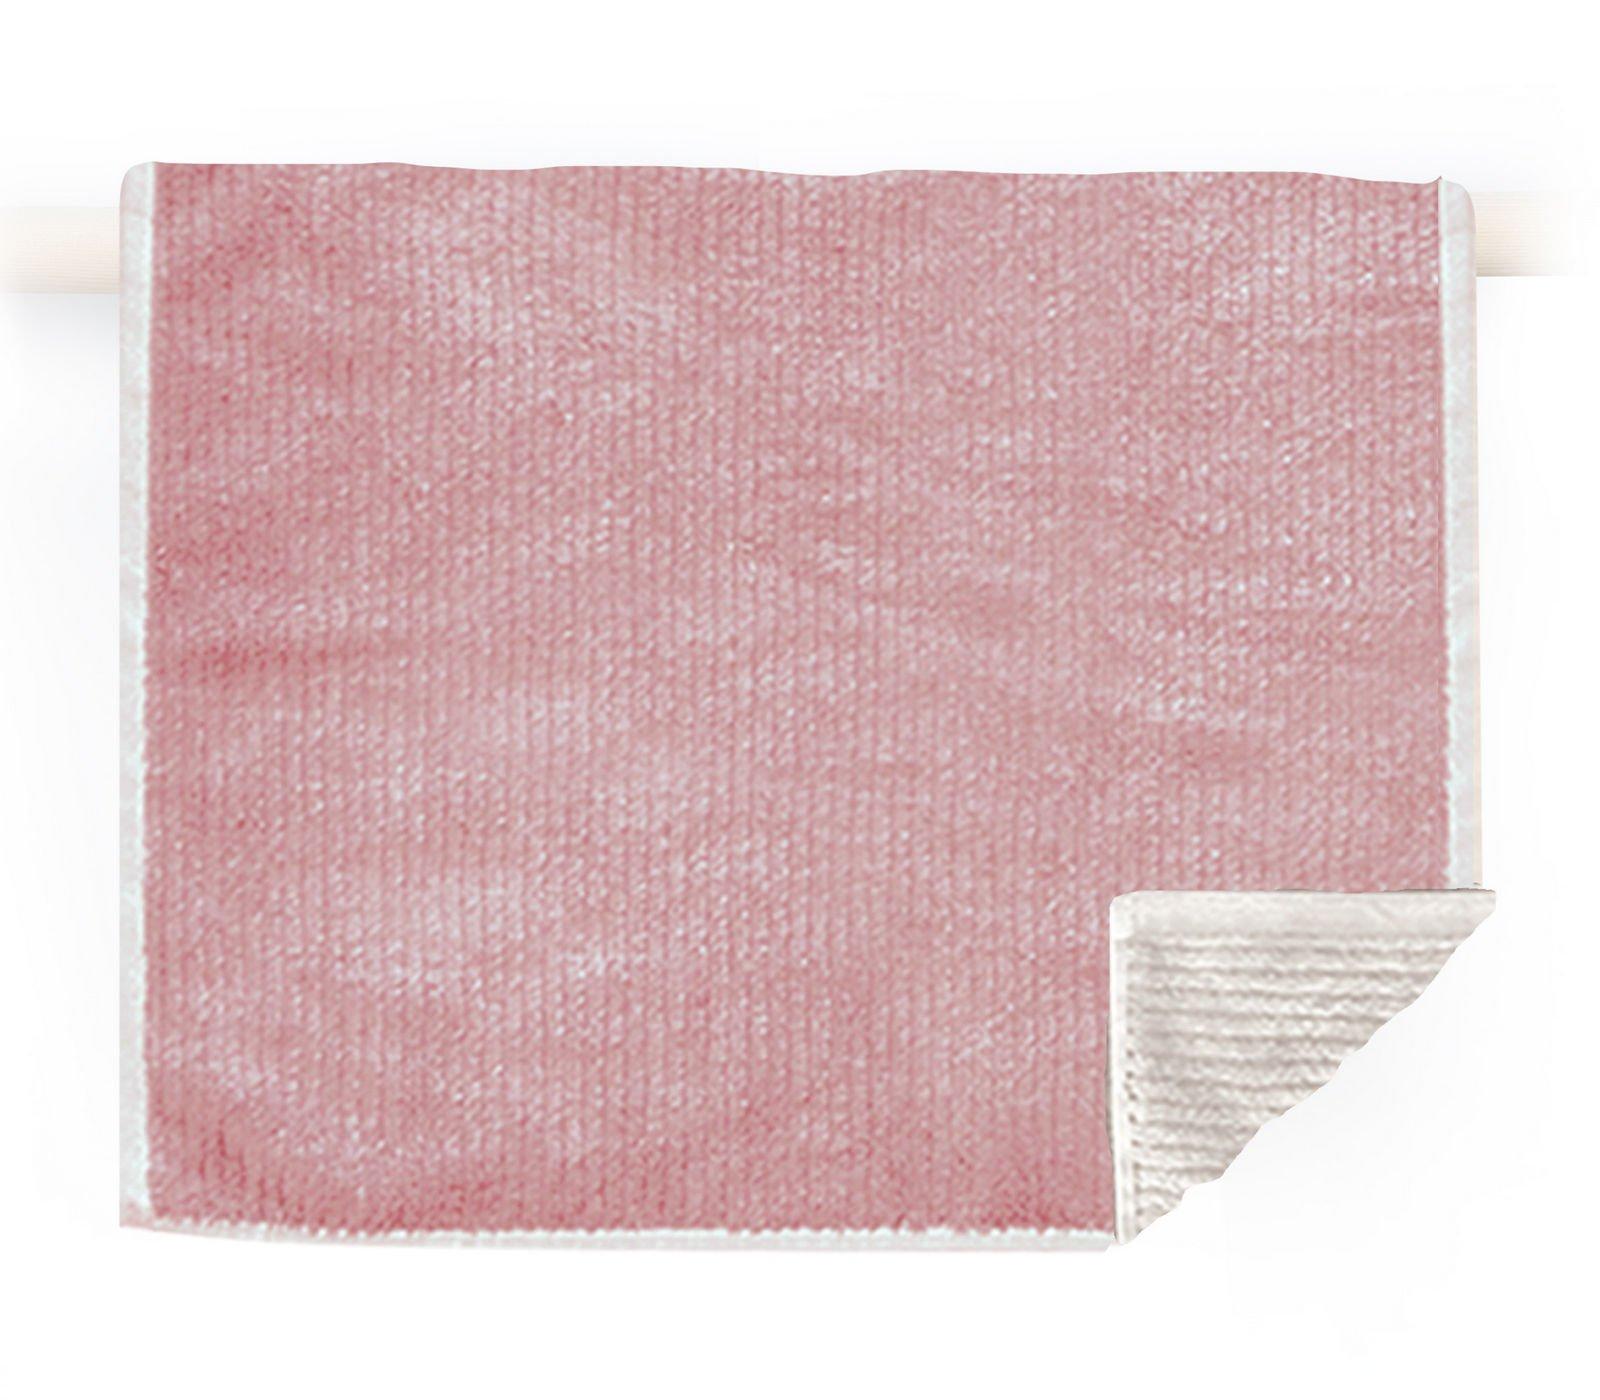 Πετσέτες Μπάνιου (Σετ 3 Τμχ) Nef Nef Ζακαρ Main Pink